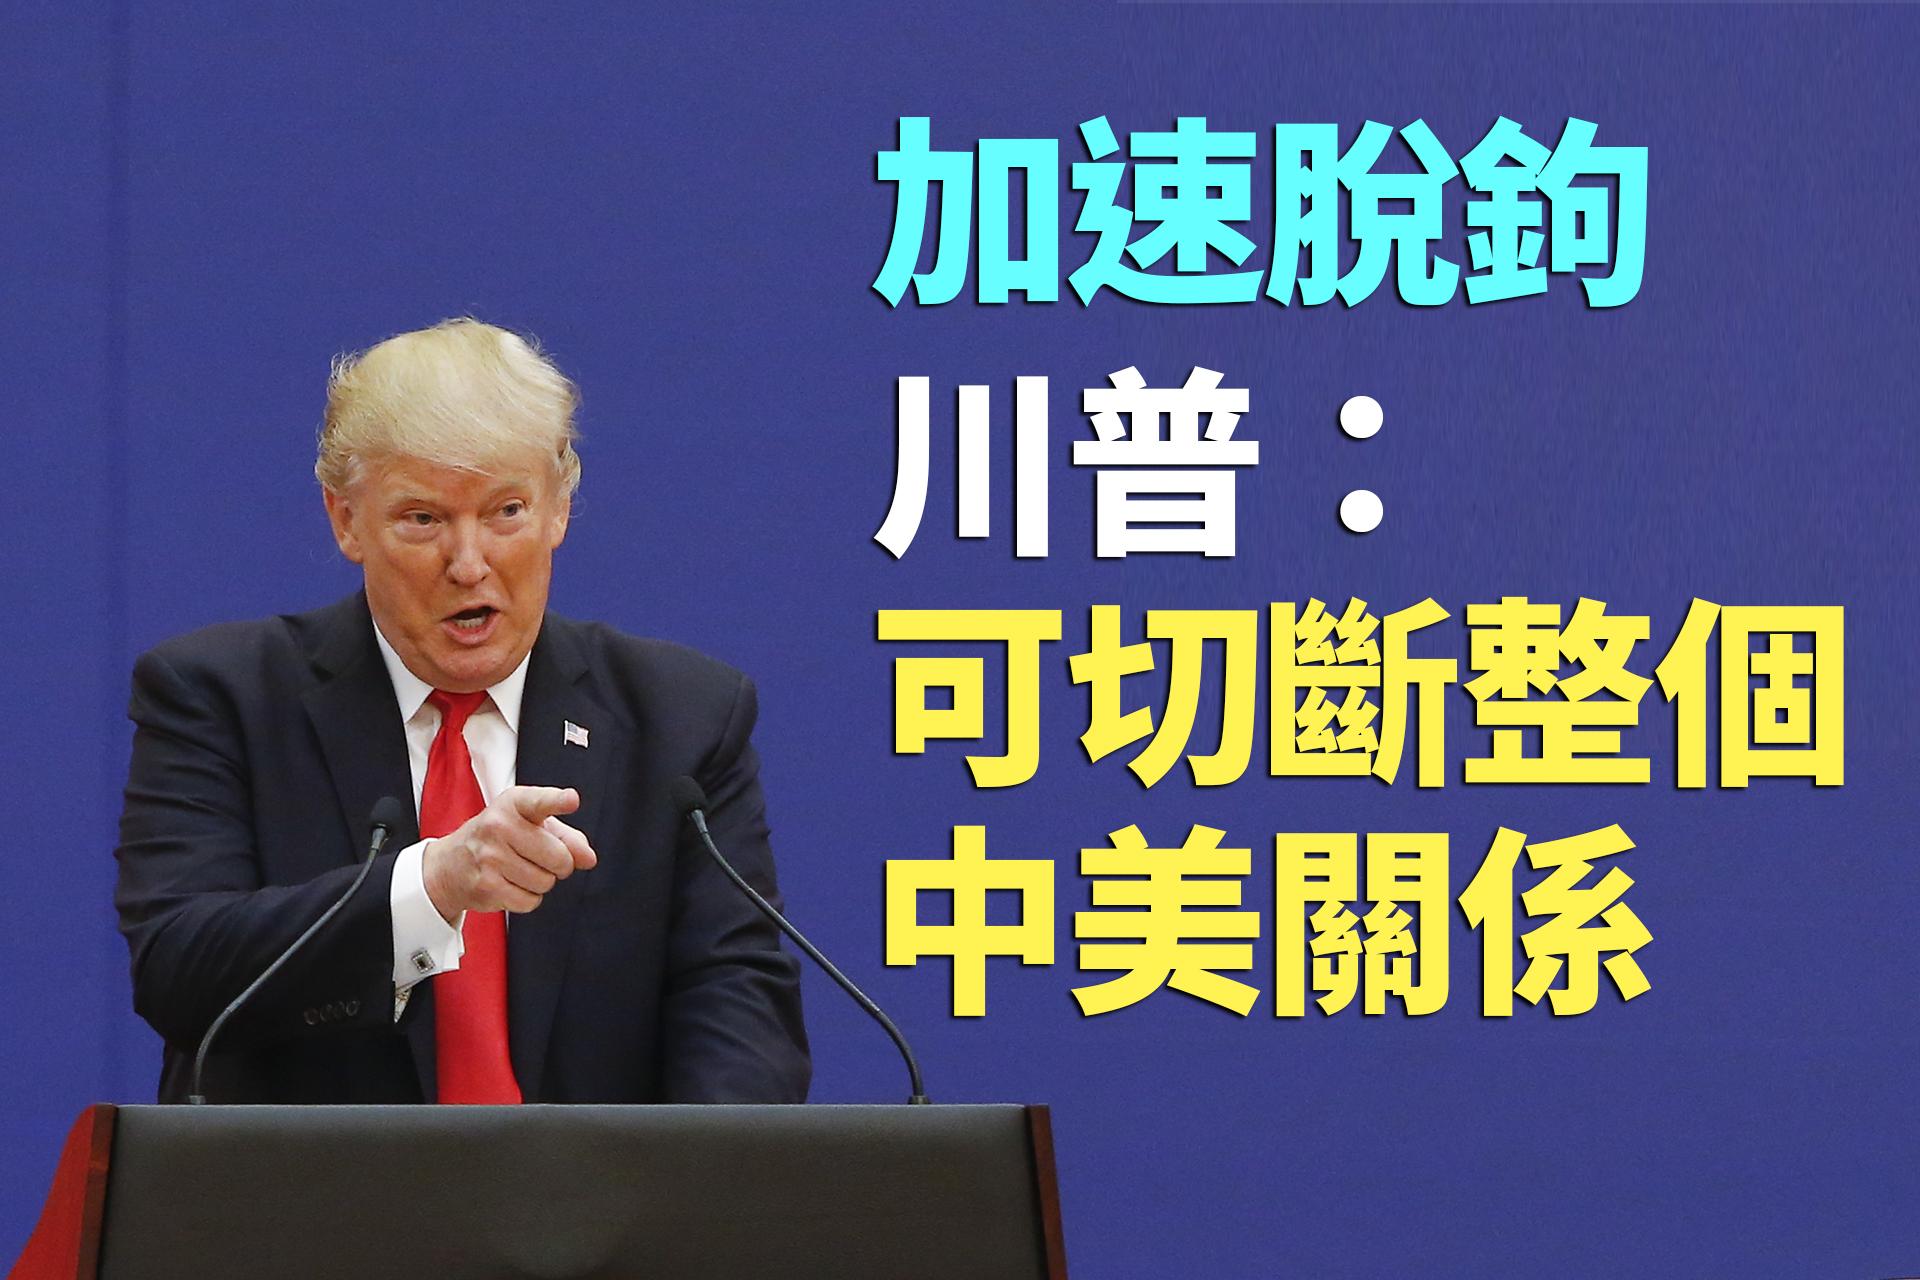 美若攜盟友脫鉤中國 大陸GDP將降至1.6%